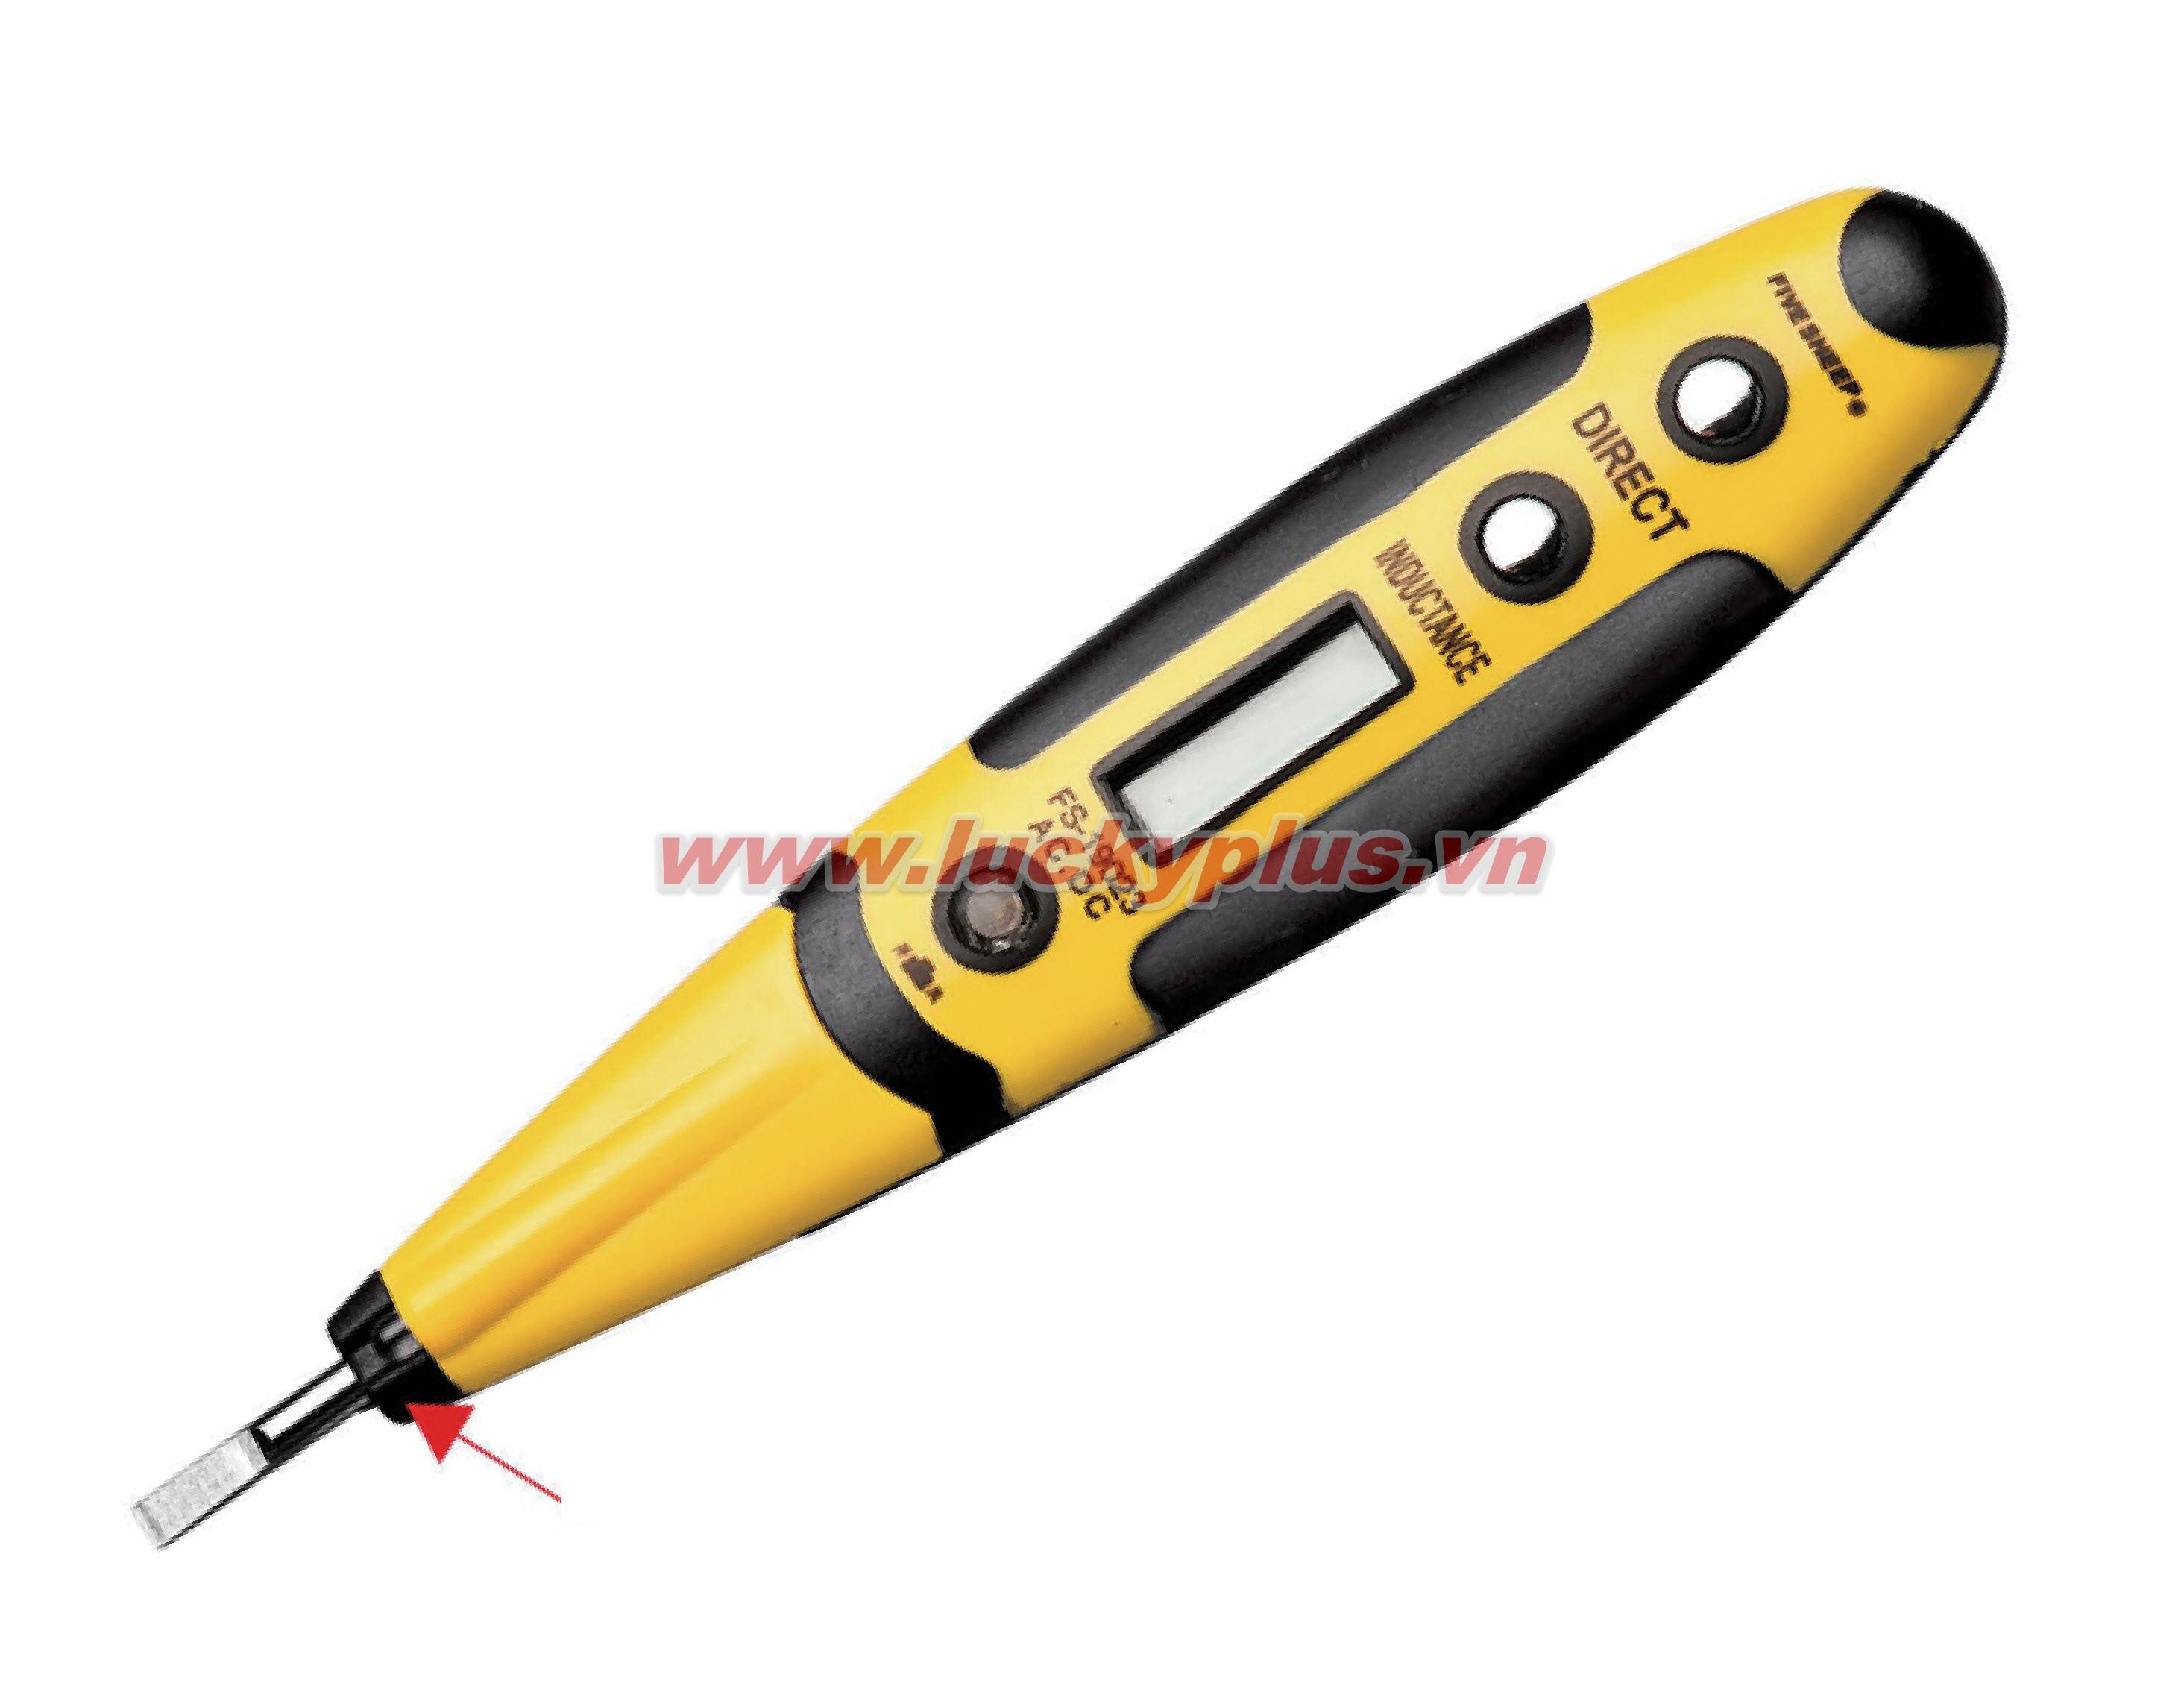 Bút thử điện hiển thị số FiveSheep FS-19023